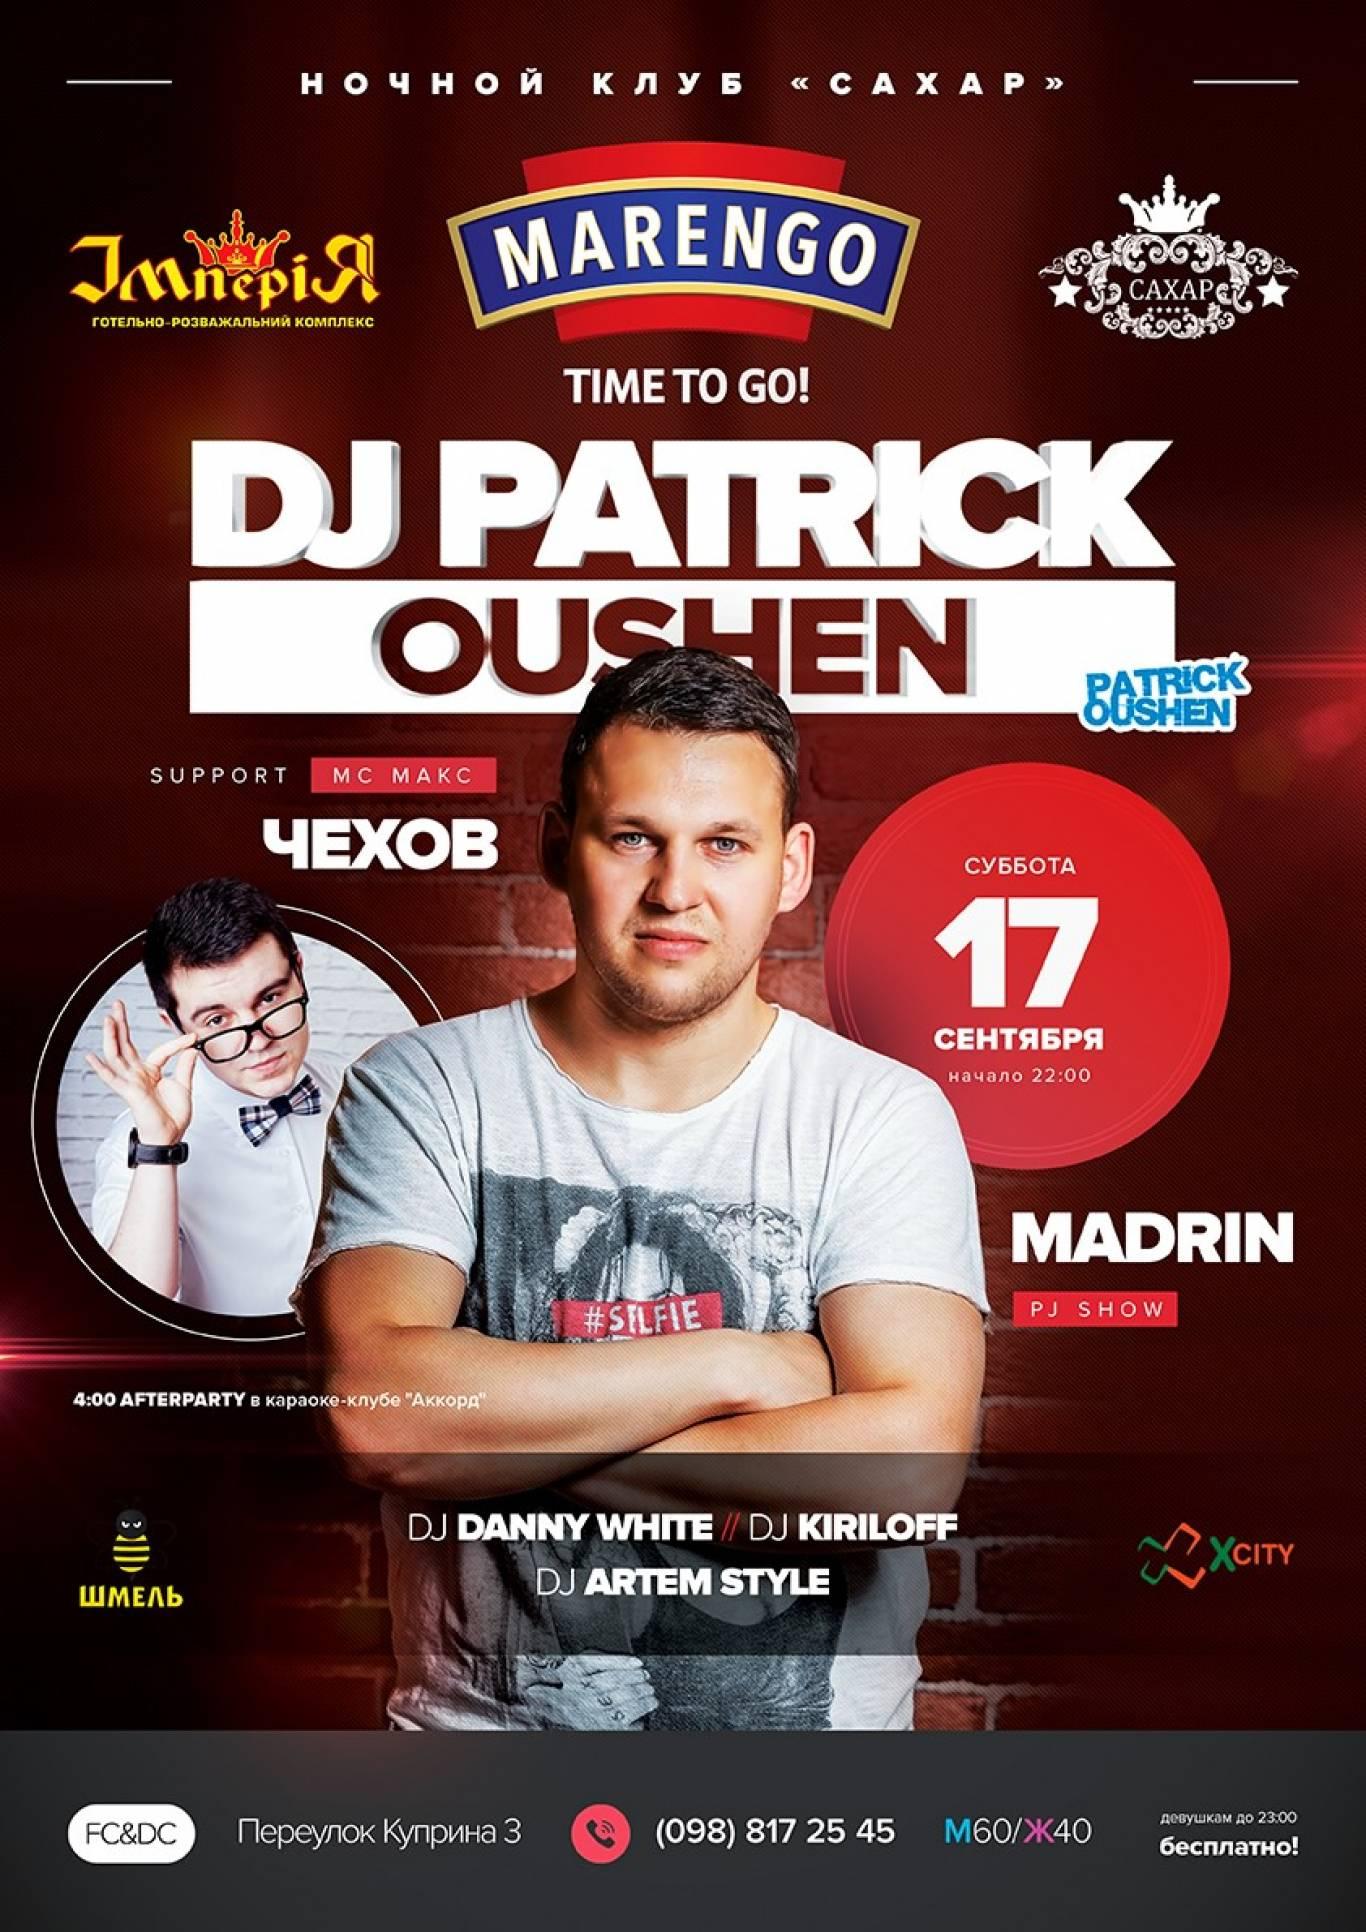 Вечірка з DJ PATRICK OUSHEN